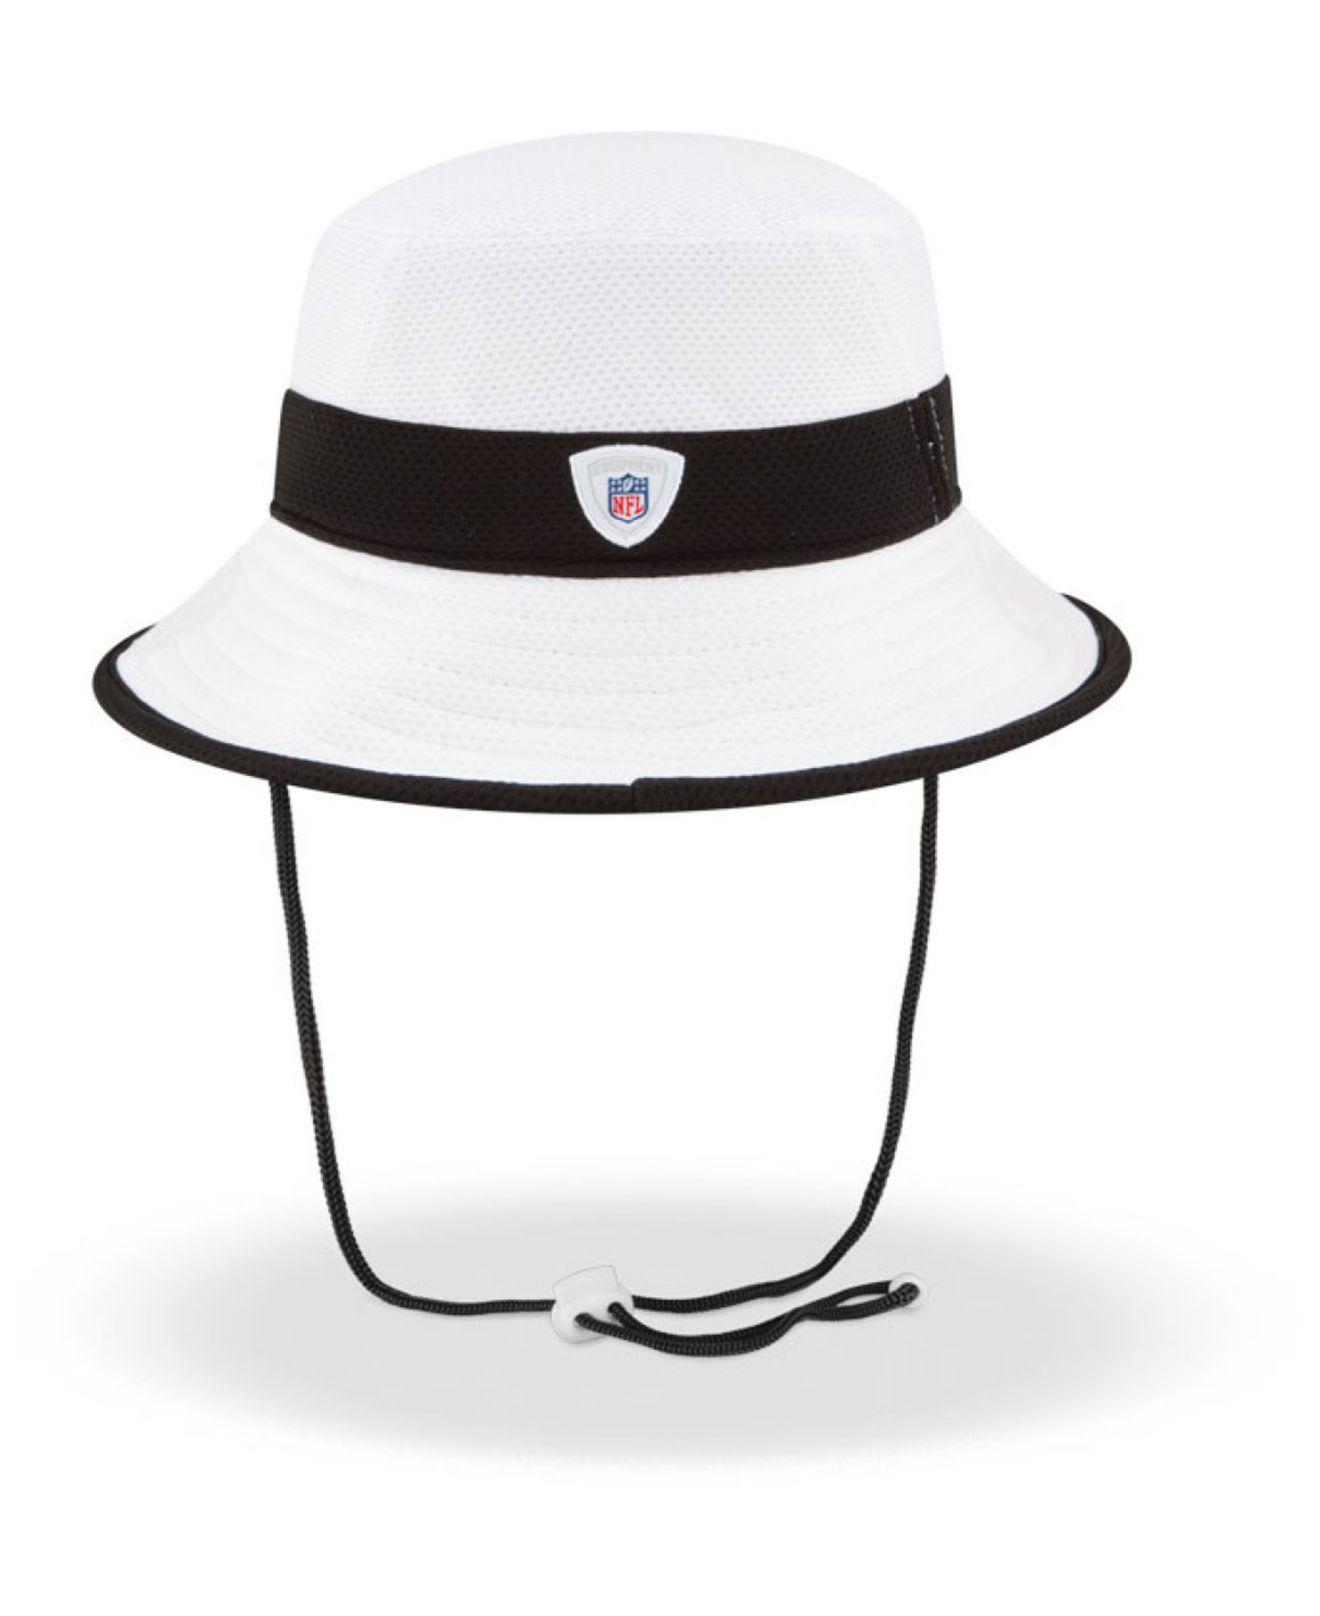 0e8b8c07 KTZ White Oakland Raiders Training Camp Official Bucket Hat for men